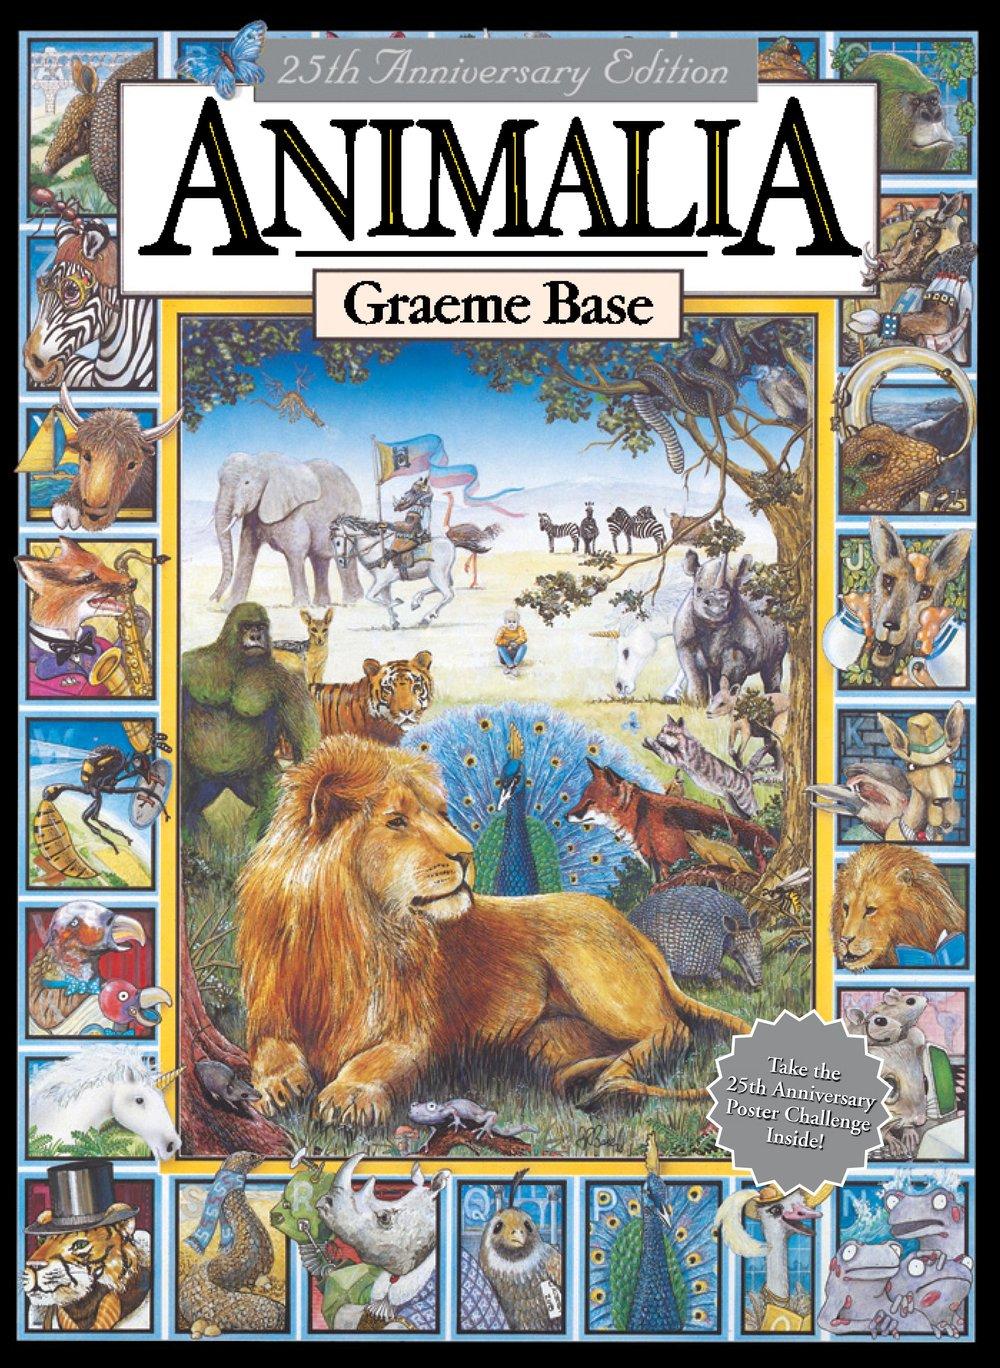 *Animalia, by Graeme Base